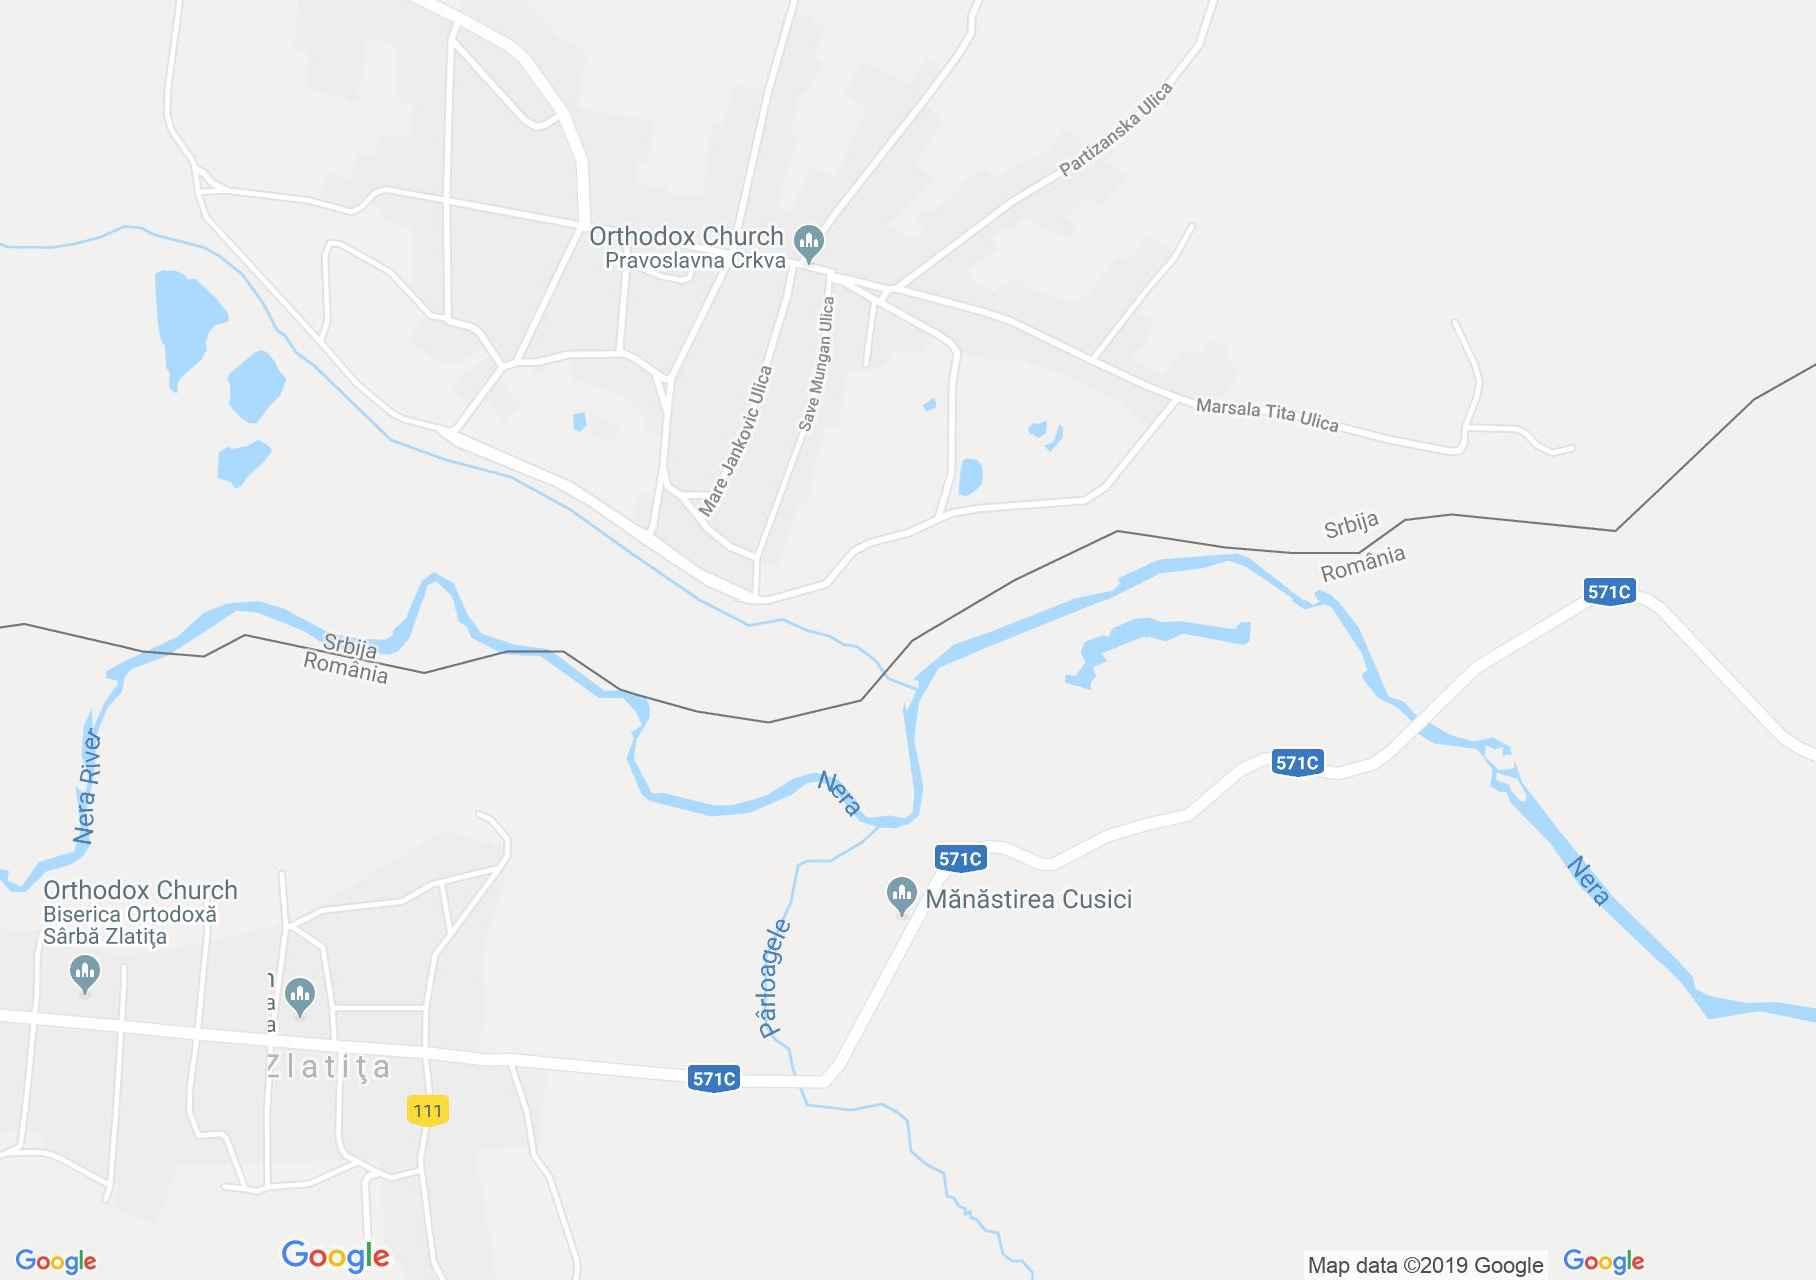 Hartă Zlatiţa: Mănăstirea Cusici